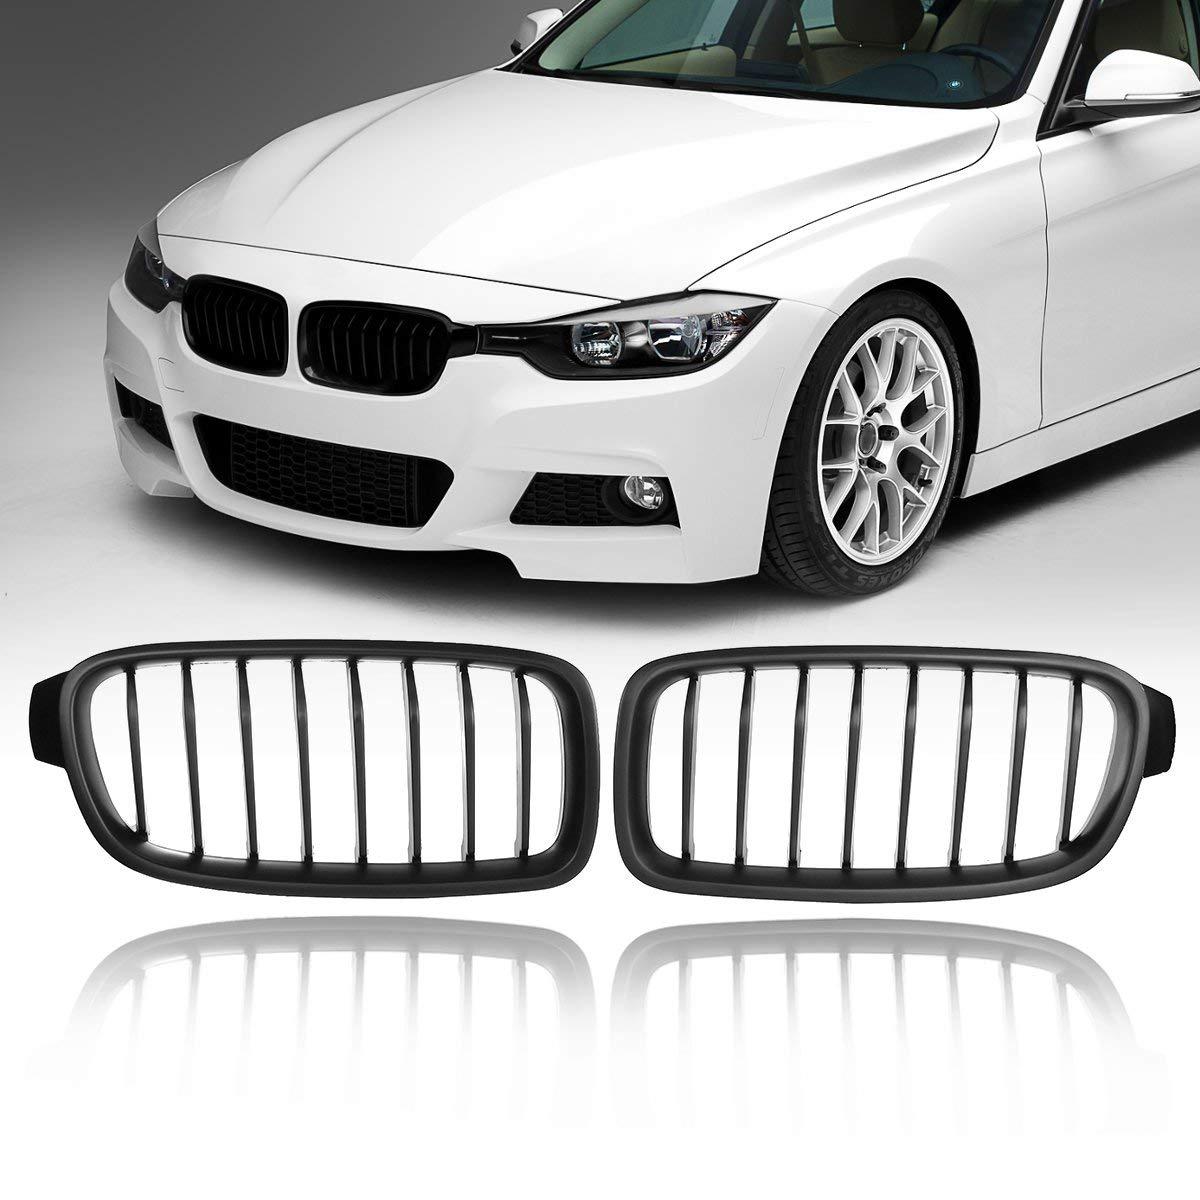 accessori per auto 1 paio di griglie per paraurti anteriore nero opaco per BMW F30 F31 F35 Serie 3 2012-2017